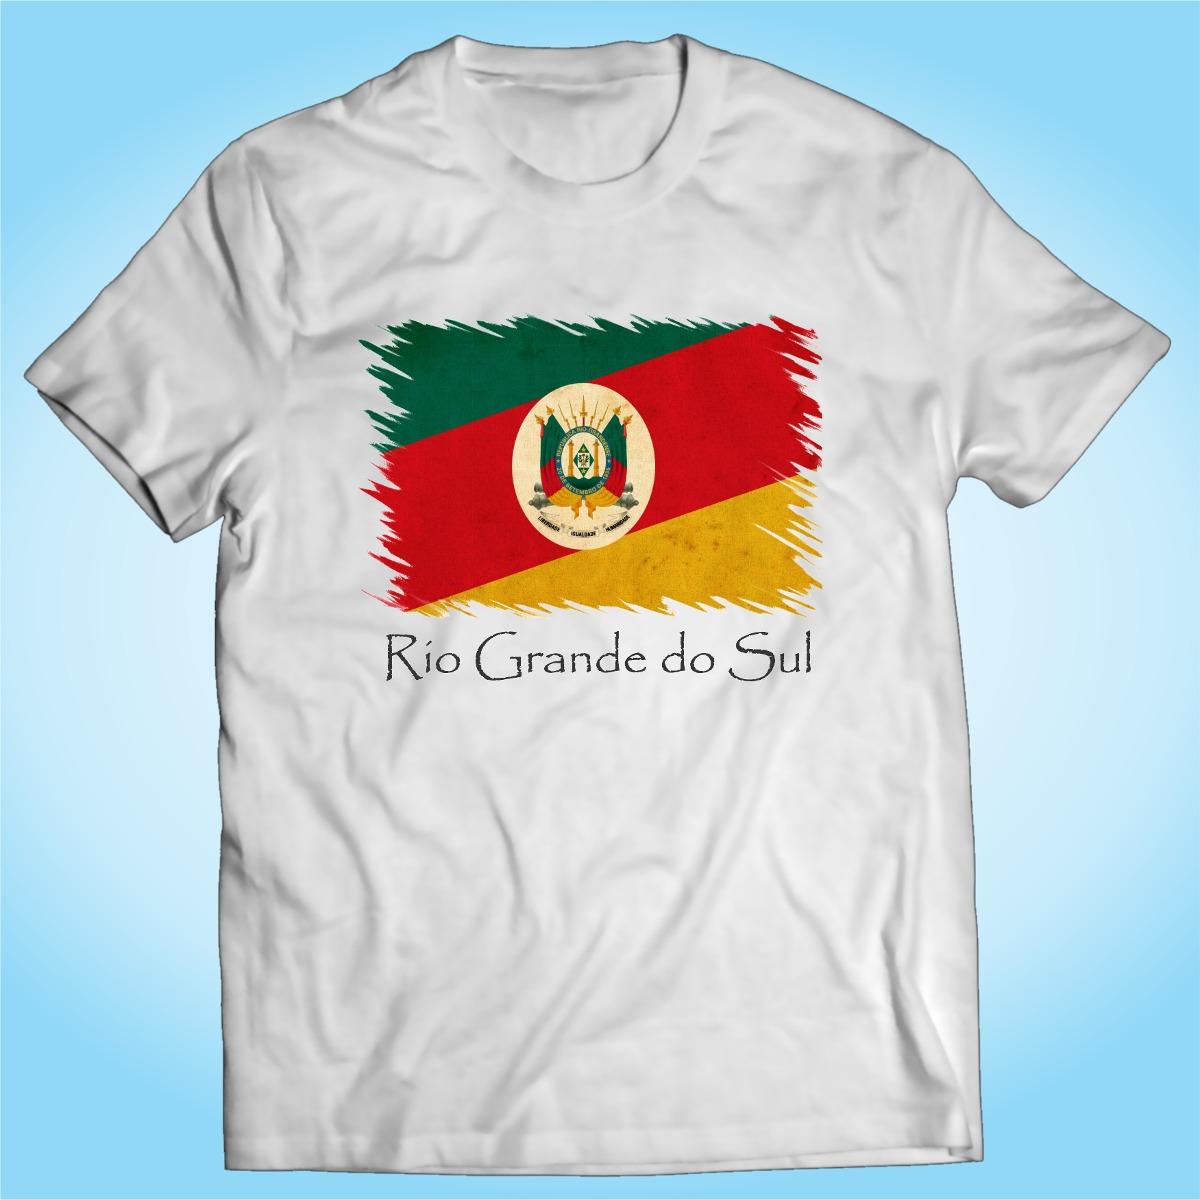 ef2ab2f88 camisa rio grande do sul brasil - bandeira - personalizada. Carregando zoom.